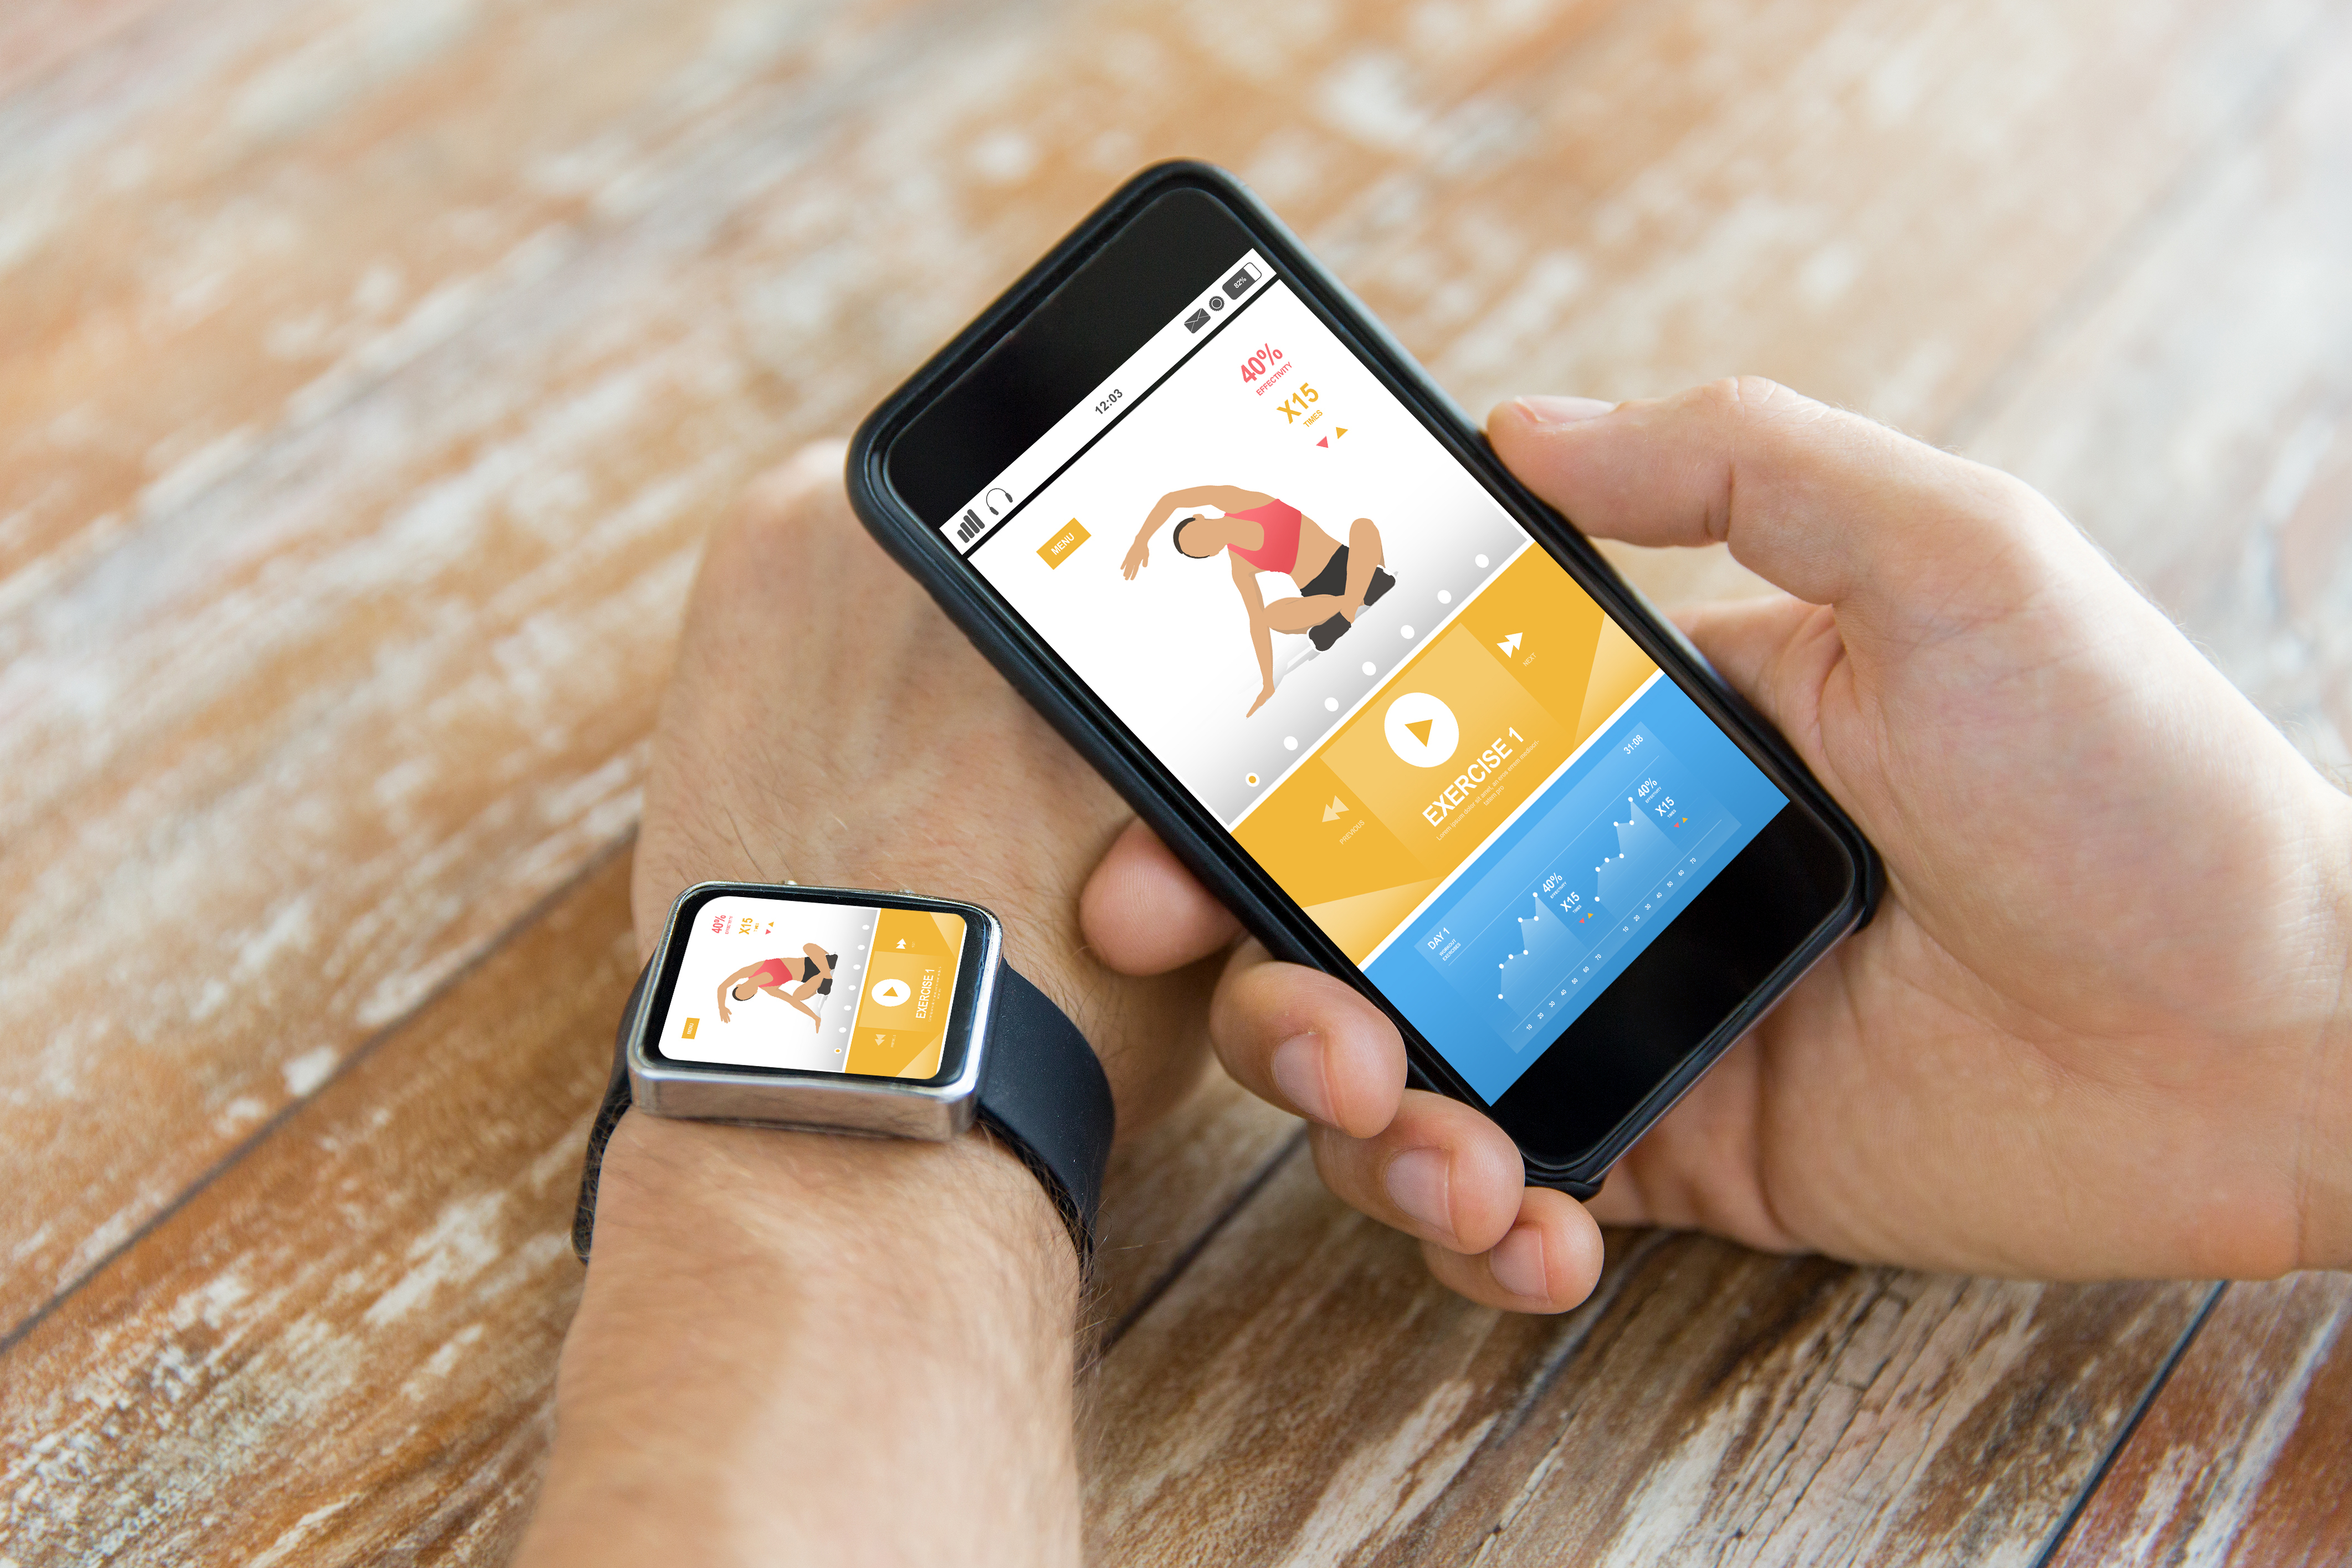 För dem som har svårt att ta sig till gymmet kan man även få visuella klasser via sin smartphone, för träning hemma.